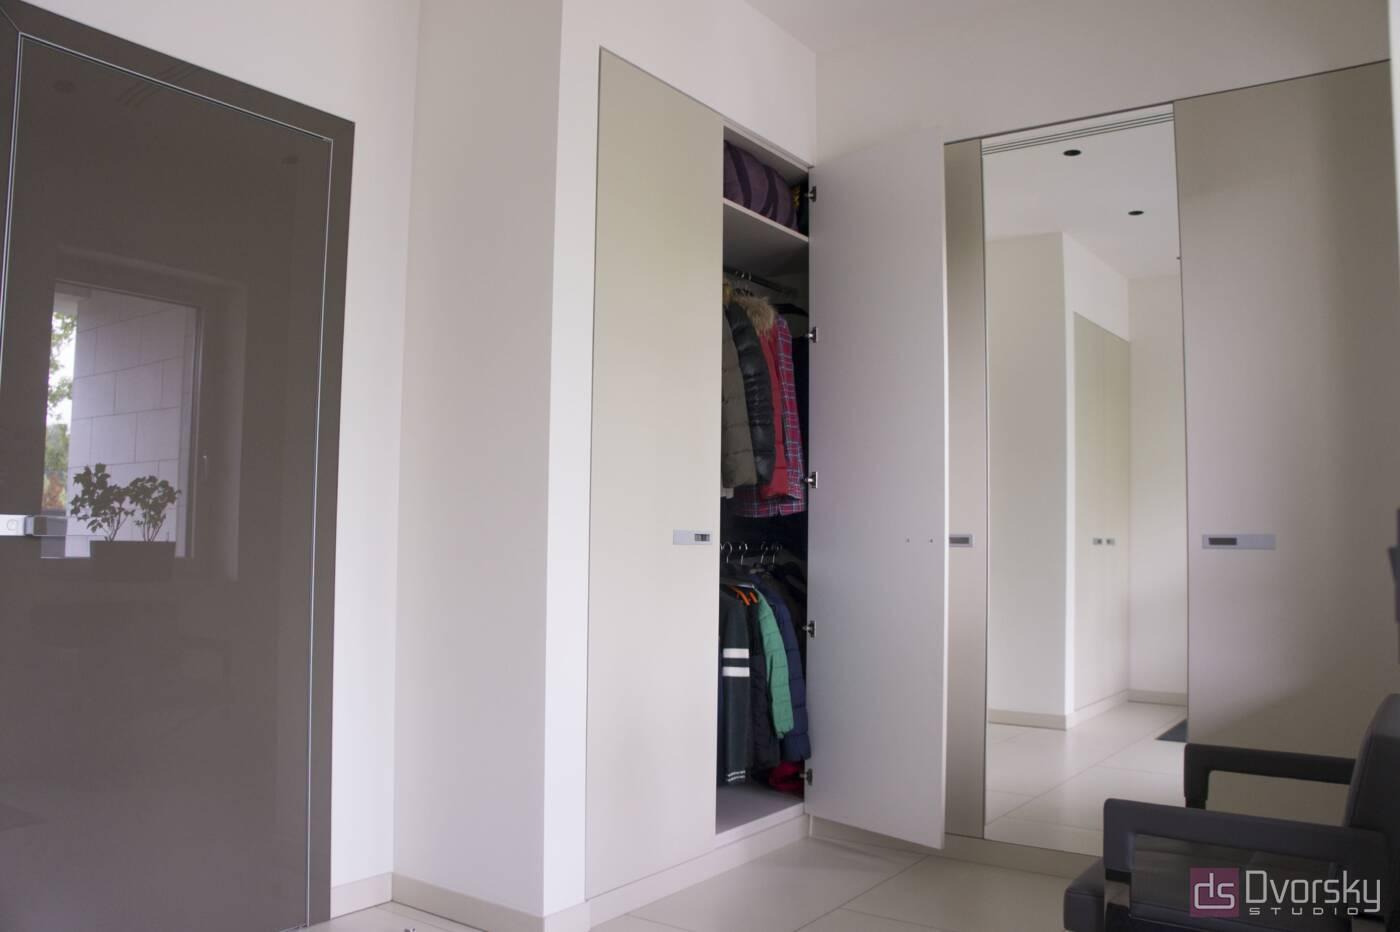 Шкафы распашные Шкаф распашной с зеркалом - Фото № 2